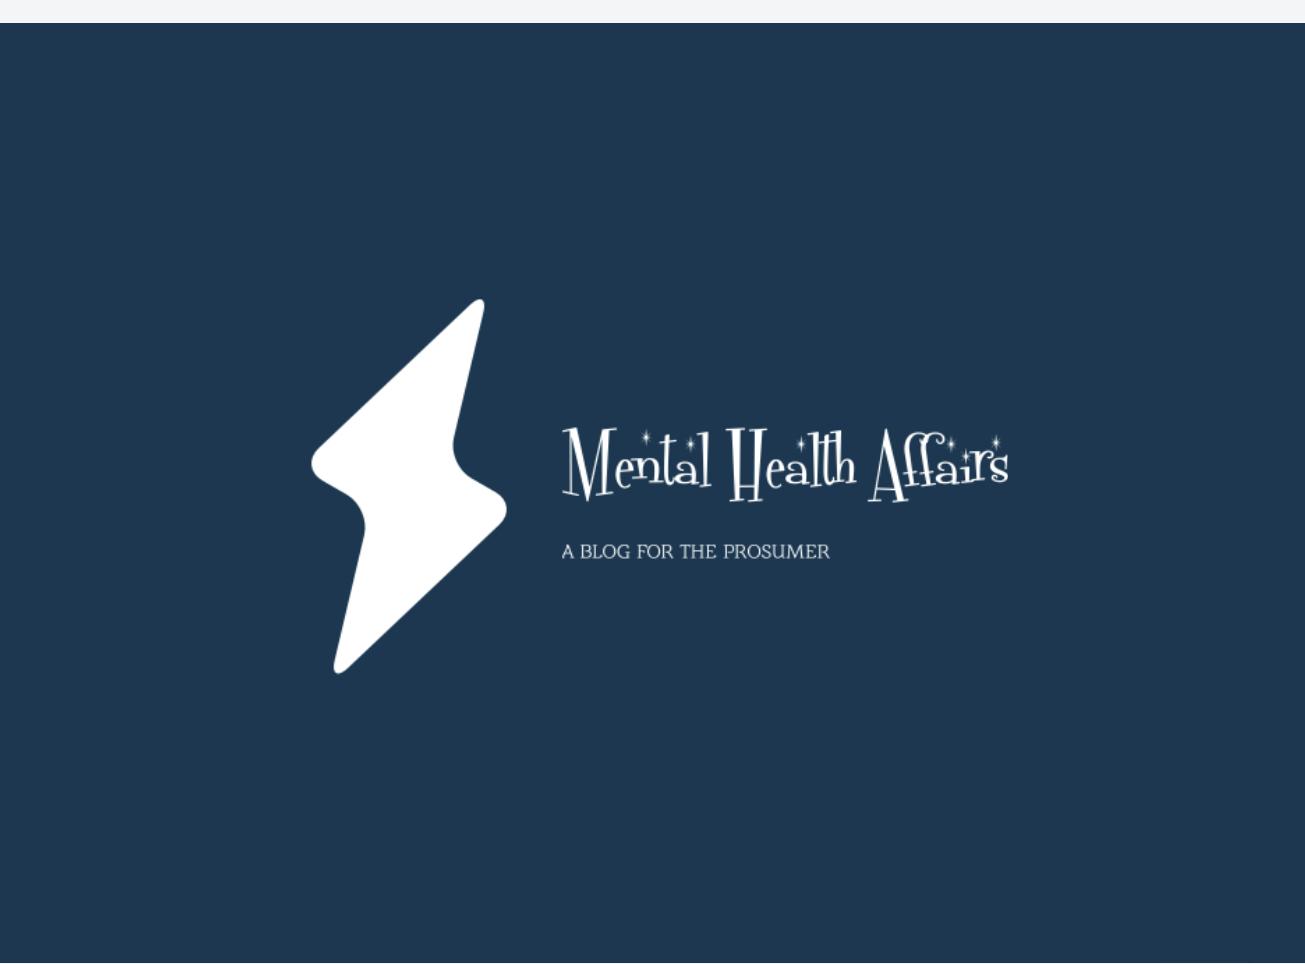 Mental Health Affairs